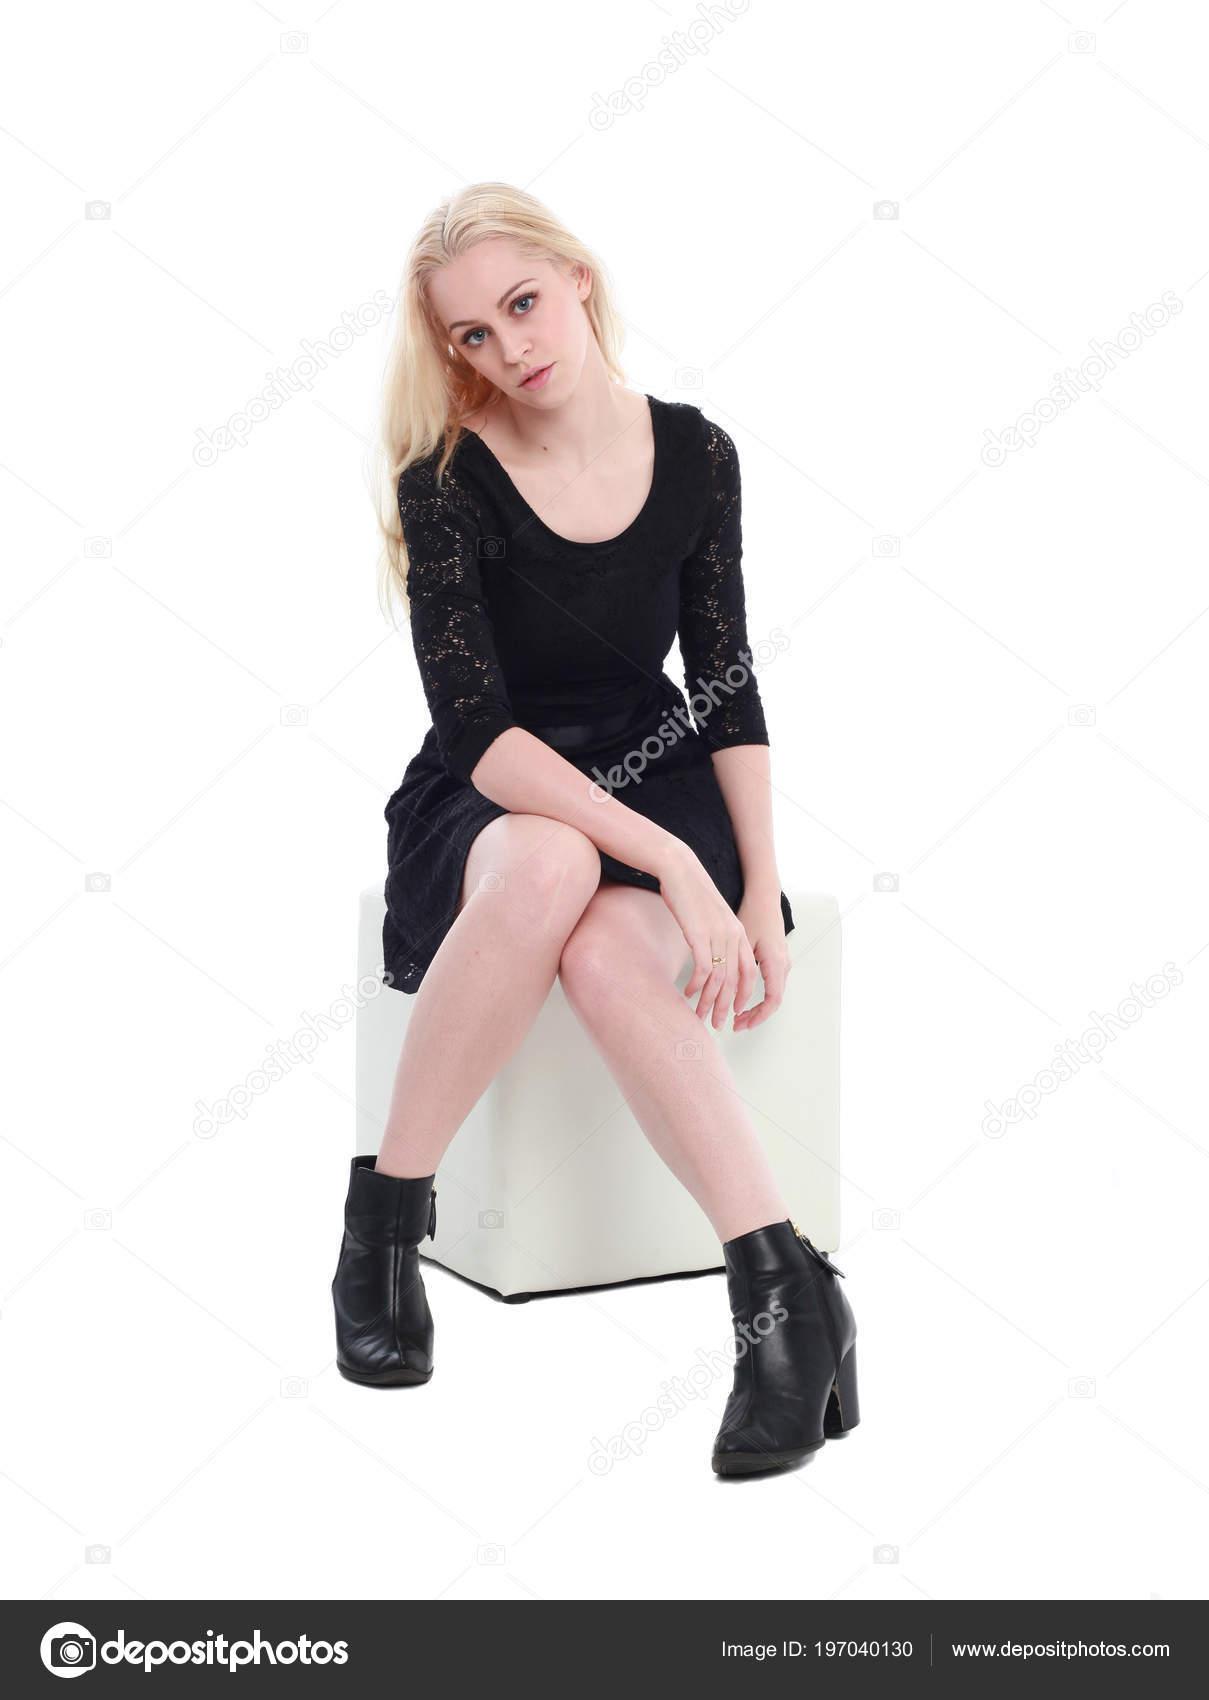 Vestido de encaje negro con fondo blanco